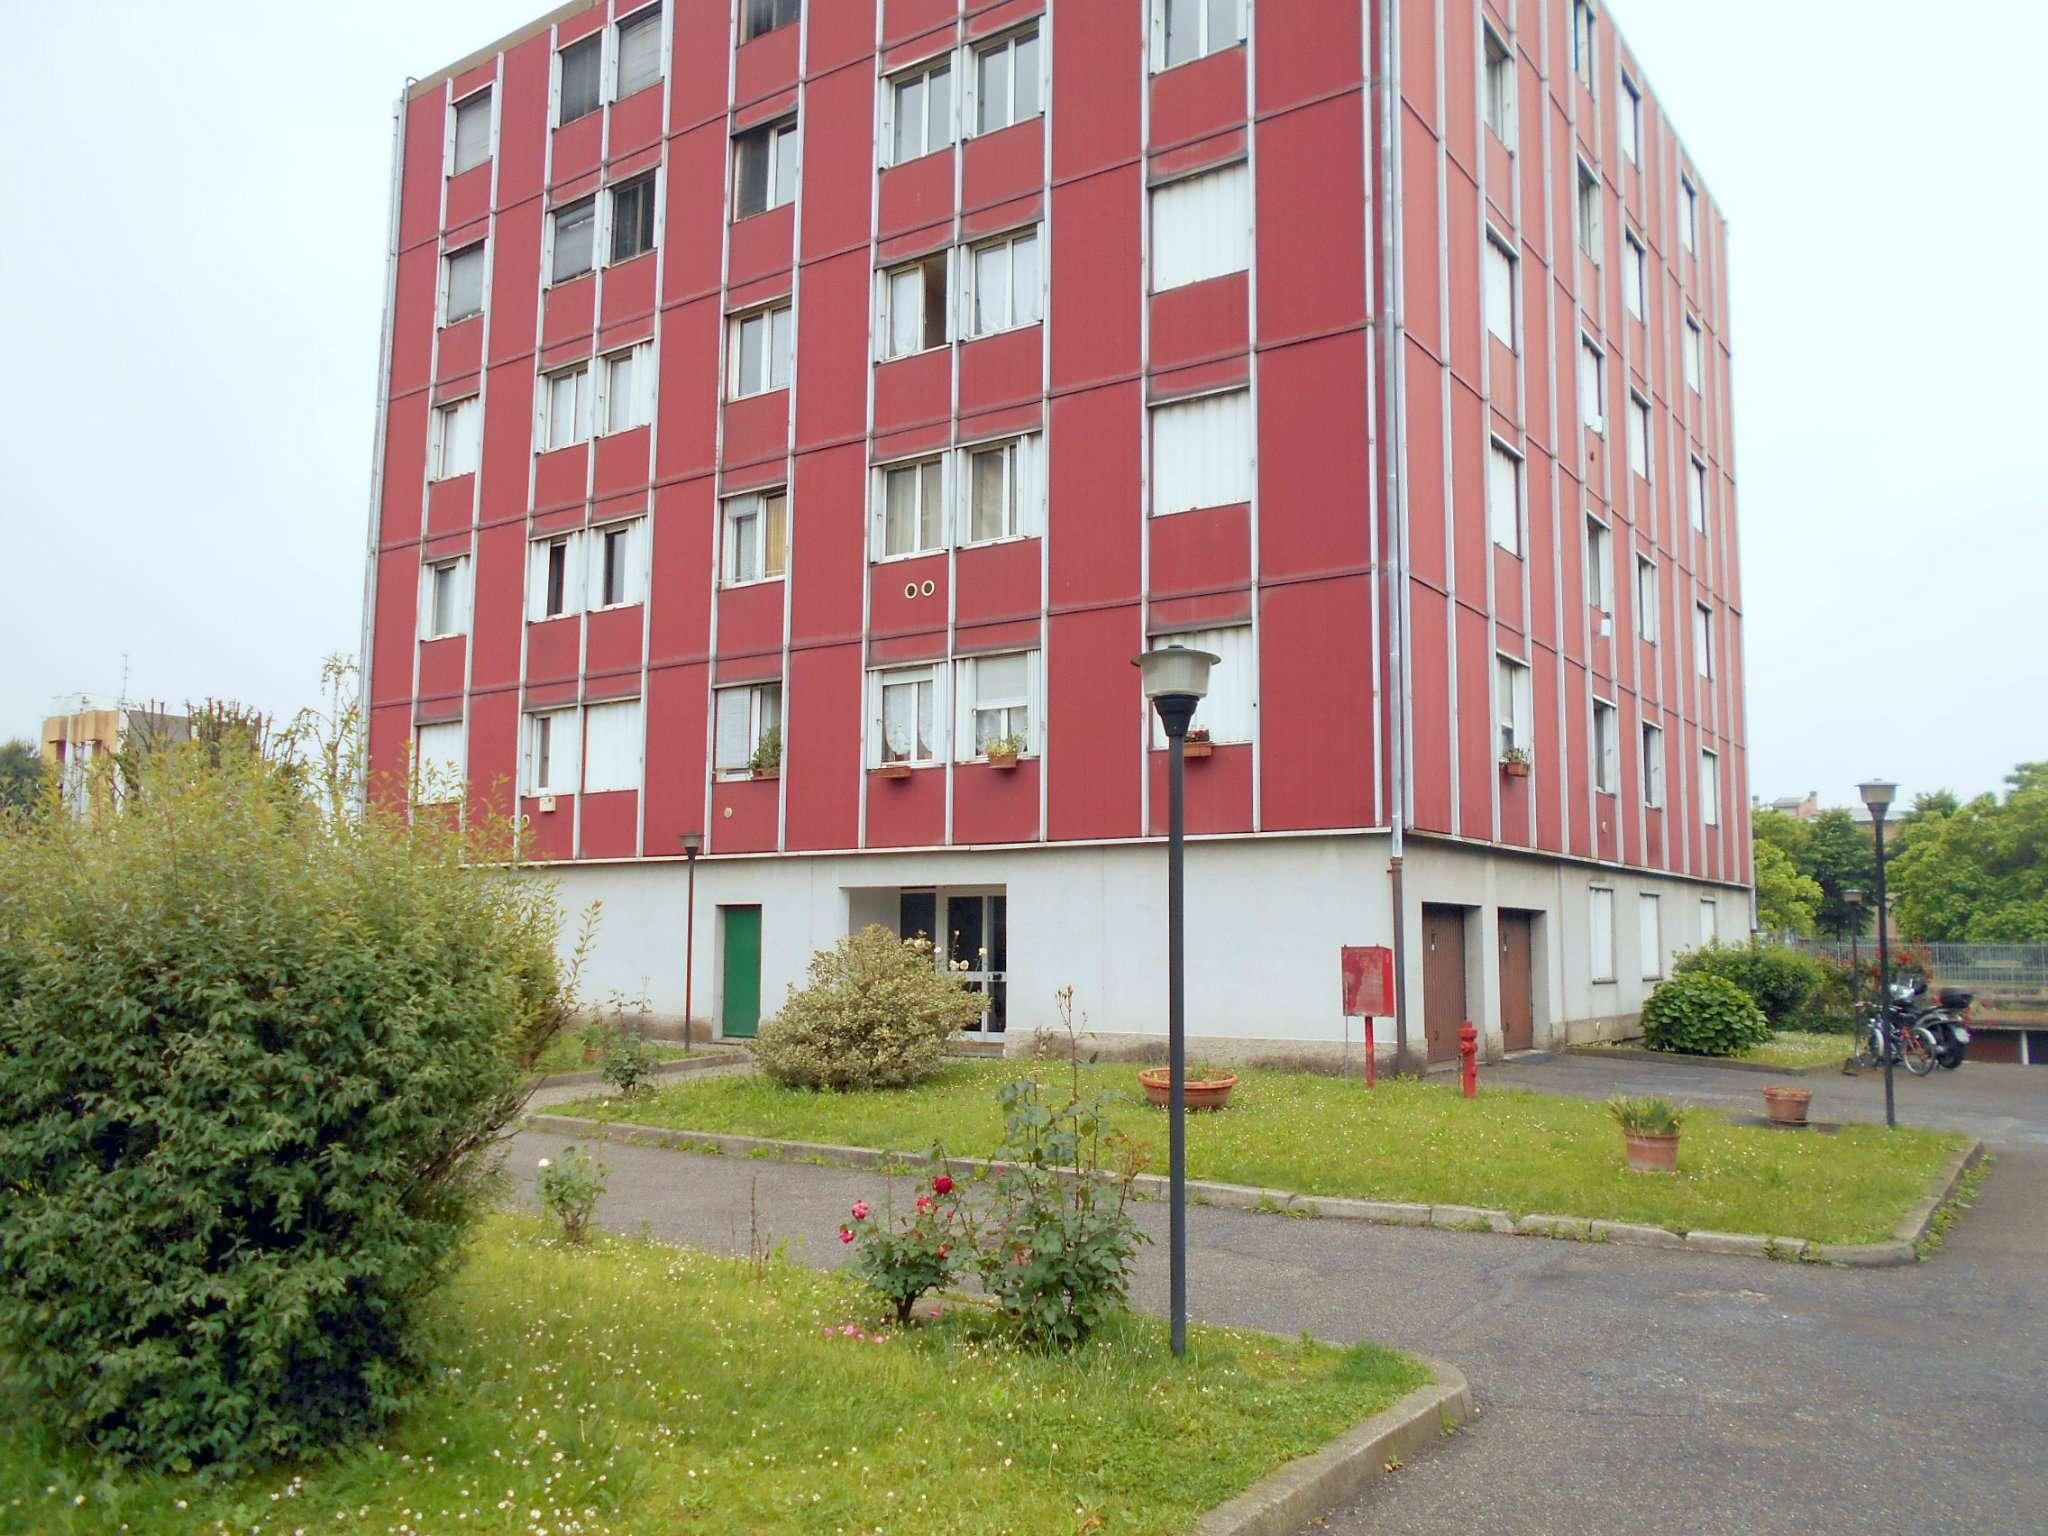 Appartamento in vendita a Muggiò, 2 locali, prezzo € 74.000 | Cambio Casa.it